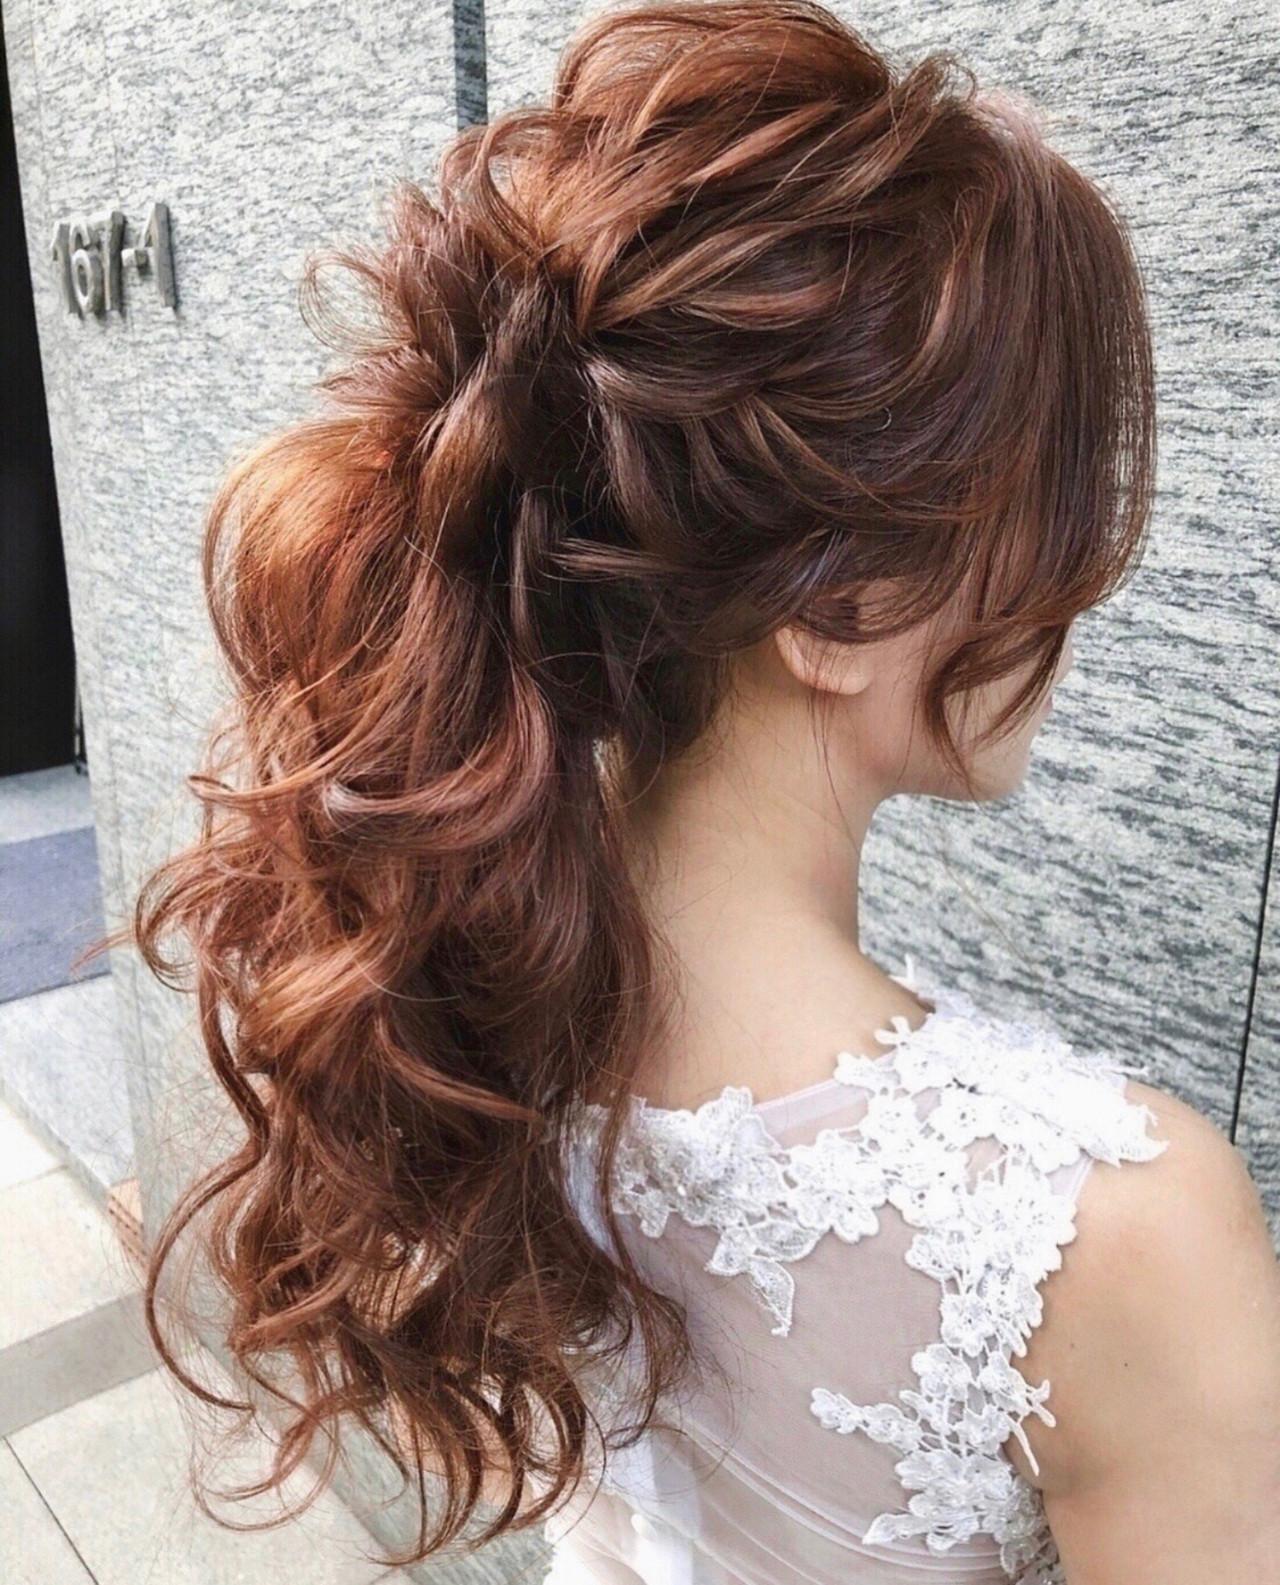 ヘアアレンジ 結婚式髪型 ゆるナチュラル ロング ヘアスタイルや髪型の写真・画像